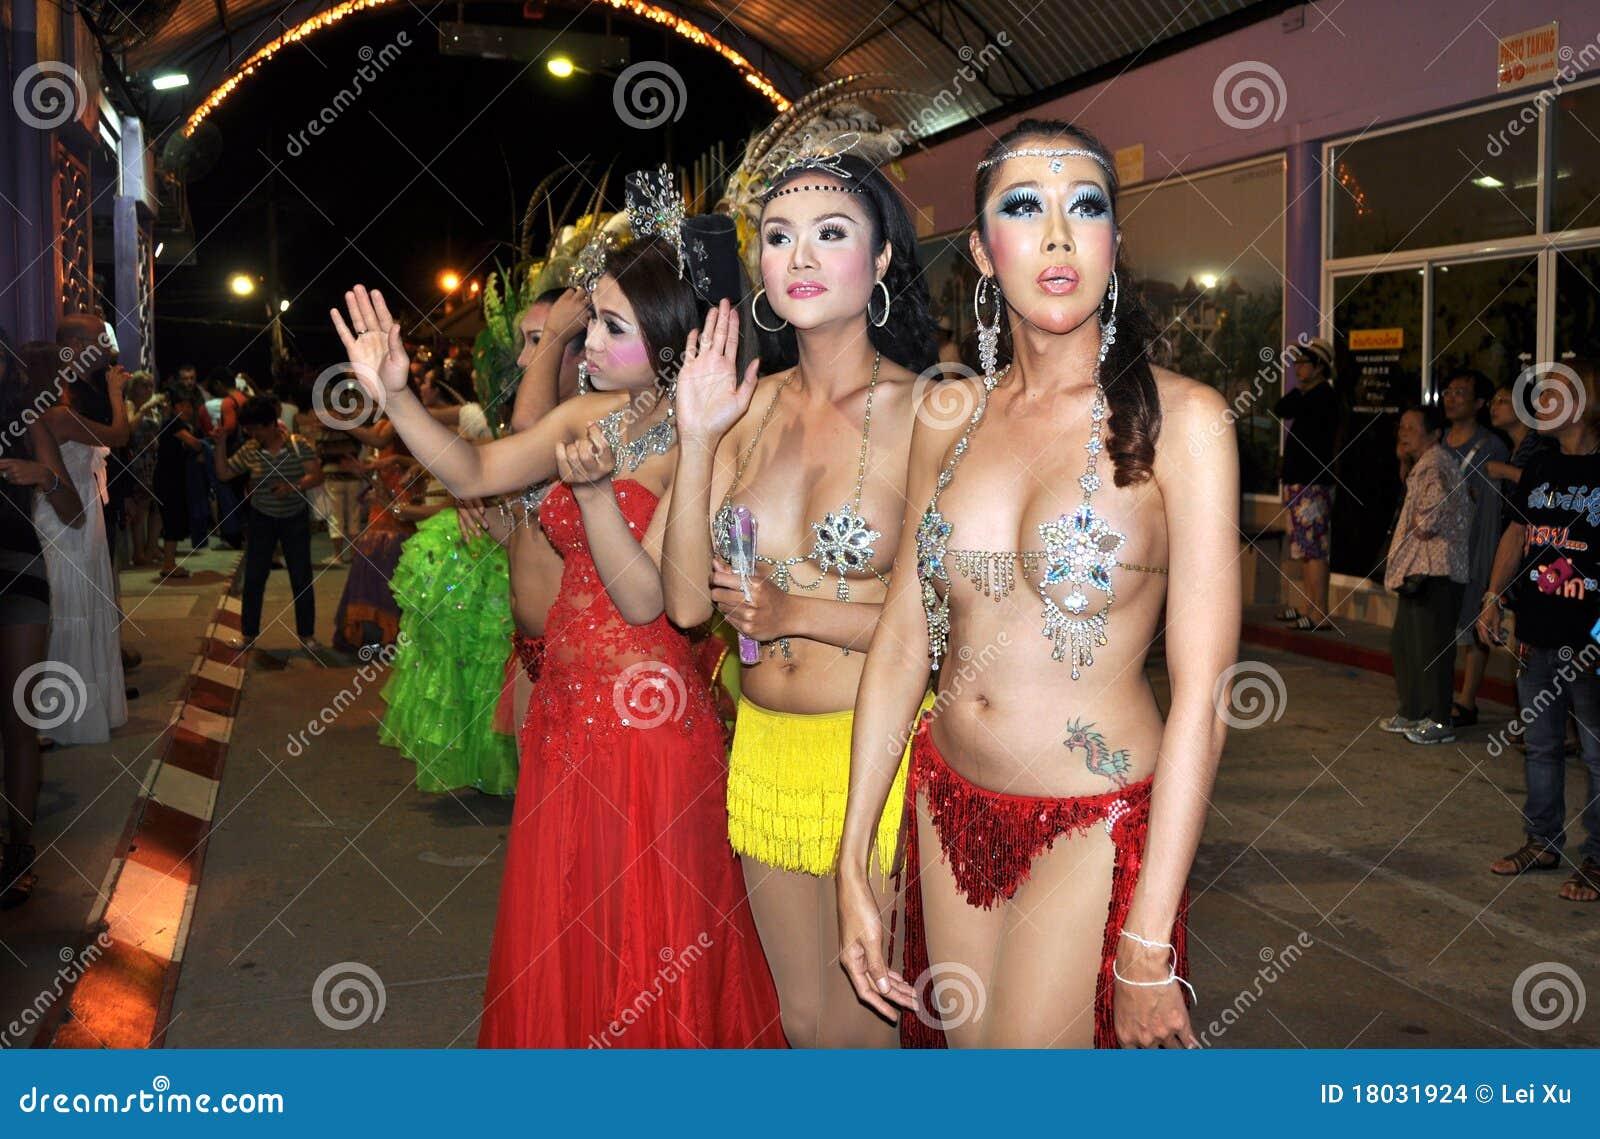 Thailand lady boy